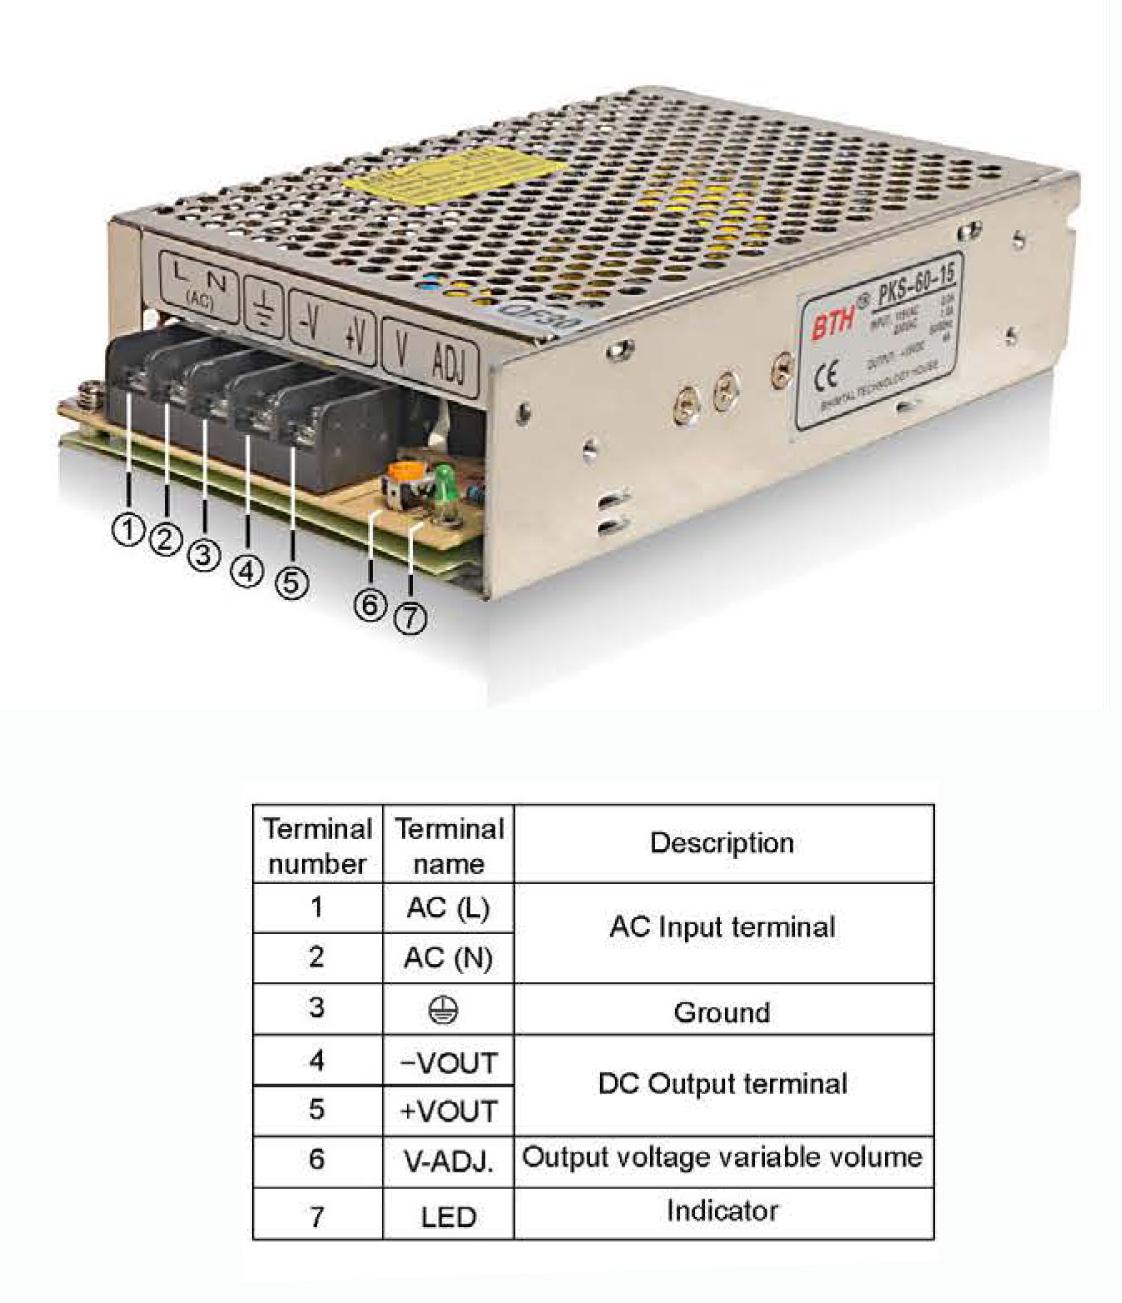 BTH DC Single Output SMPS - PKS-60-15